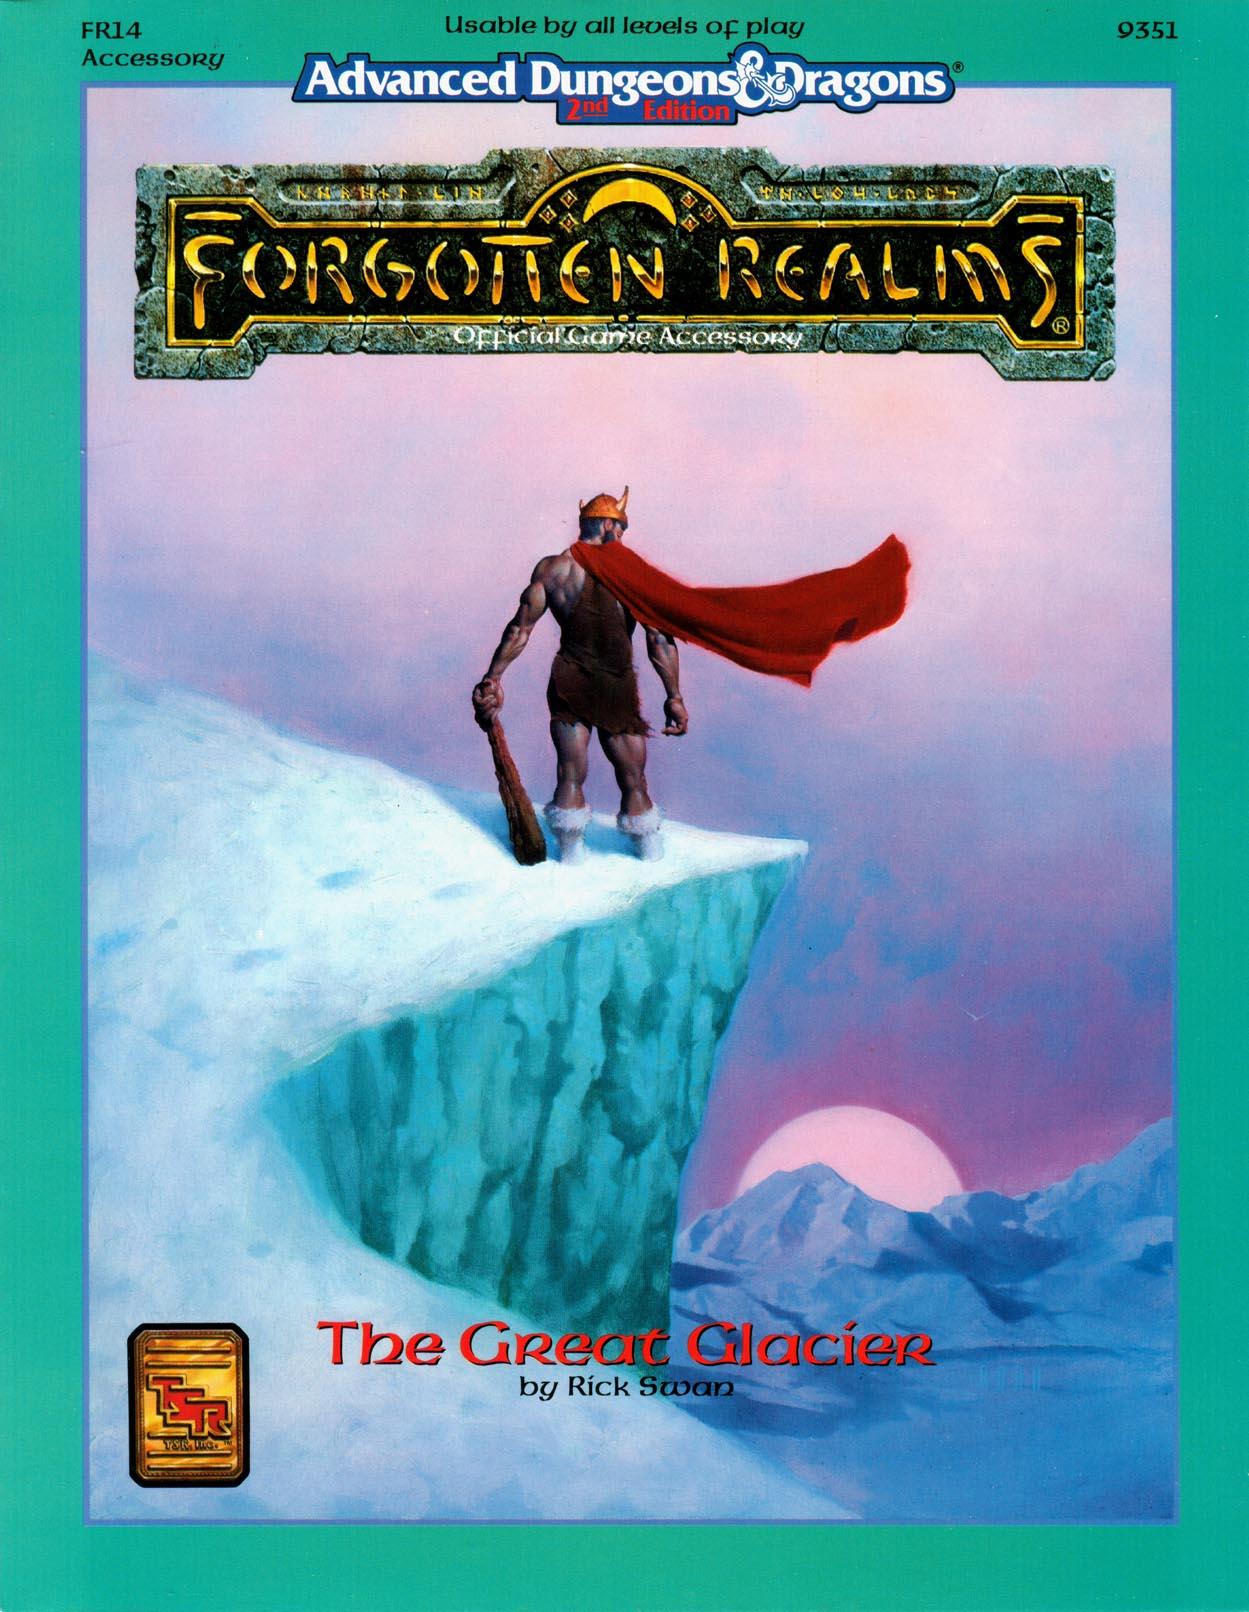 The Great Glacier (sourcebook)